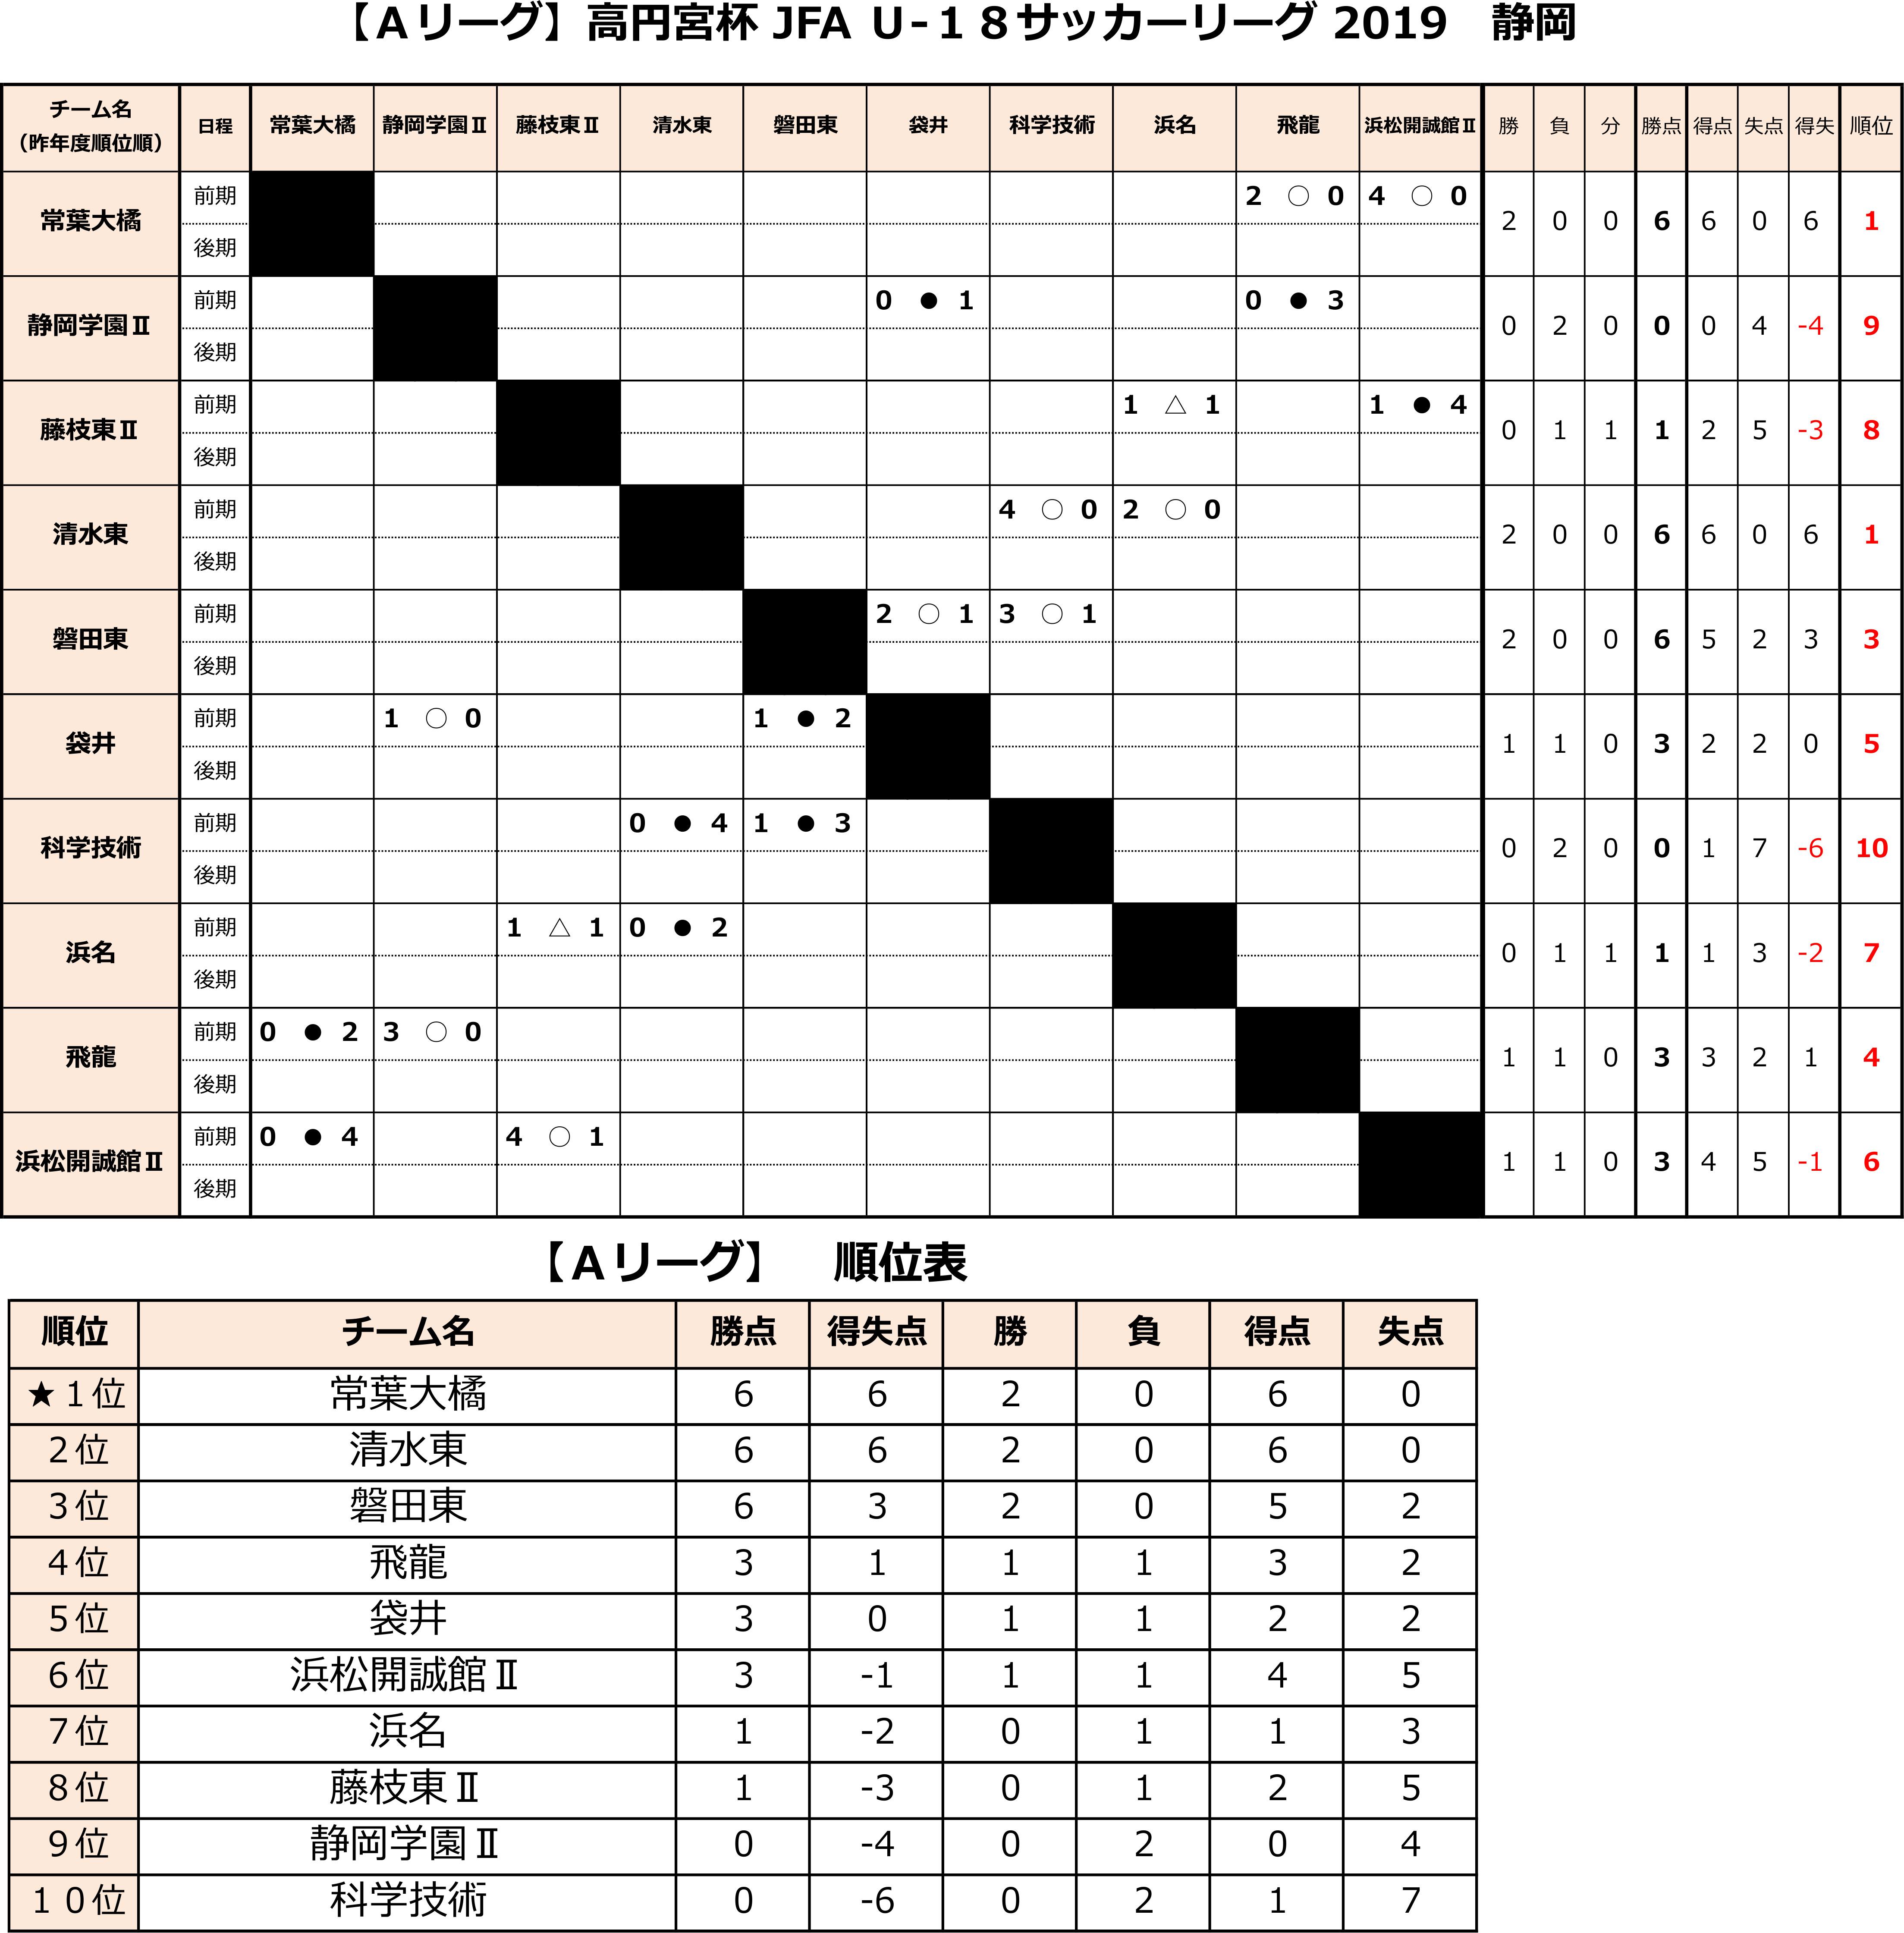 高円宮杯 JFA U-18サッカーリーグ2019 静岡  Aリーグ前期  トーナメント表